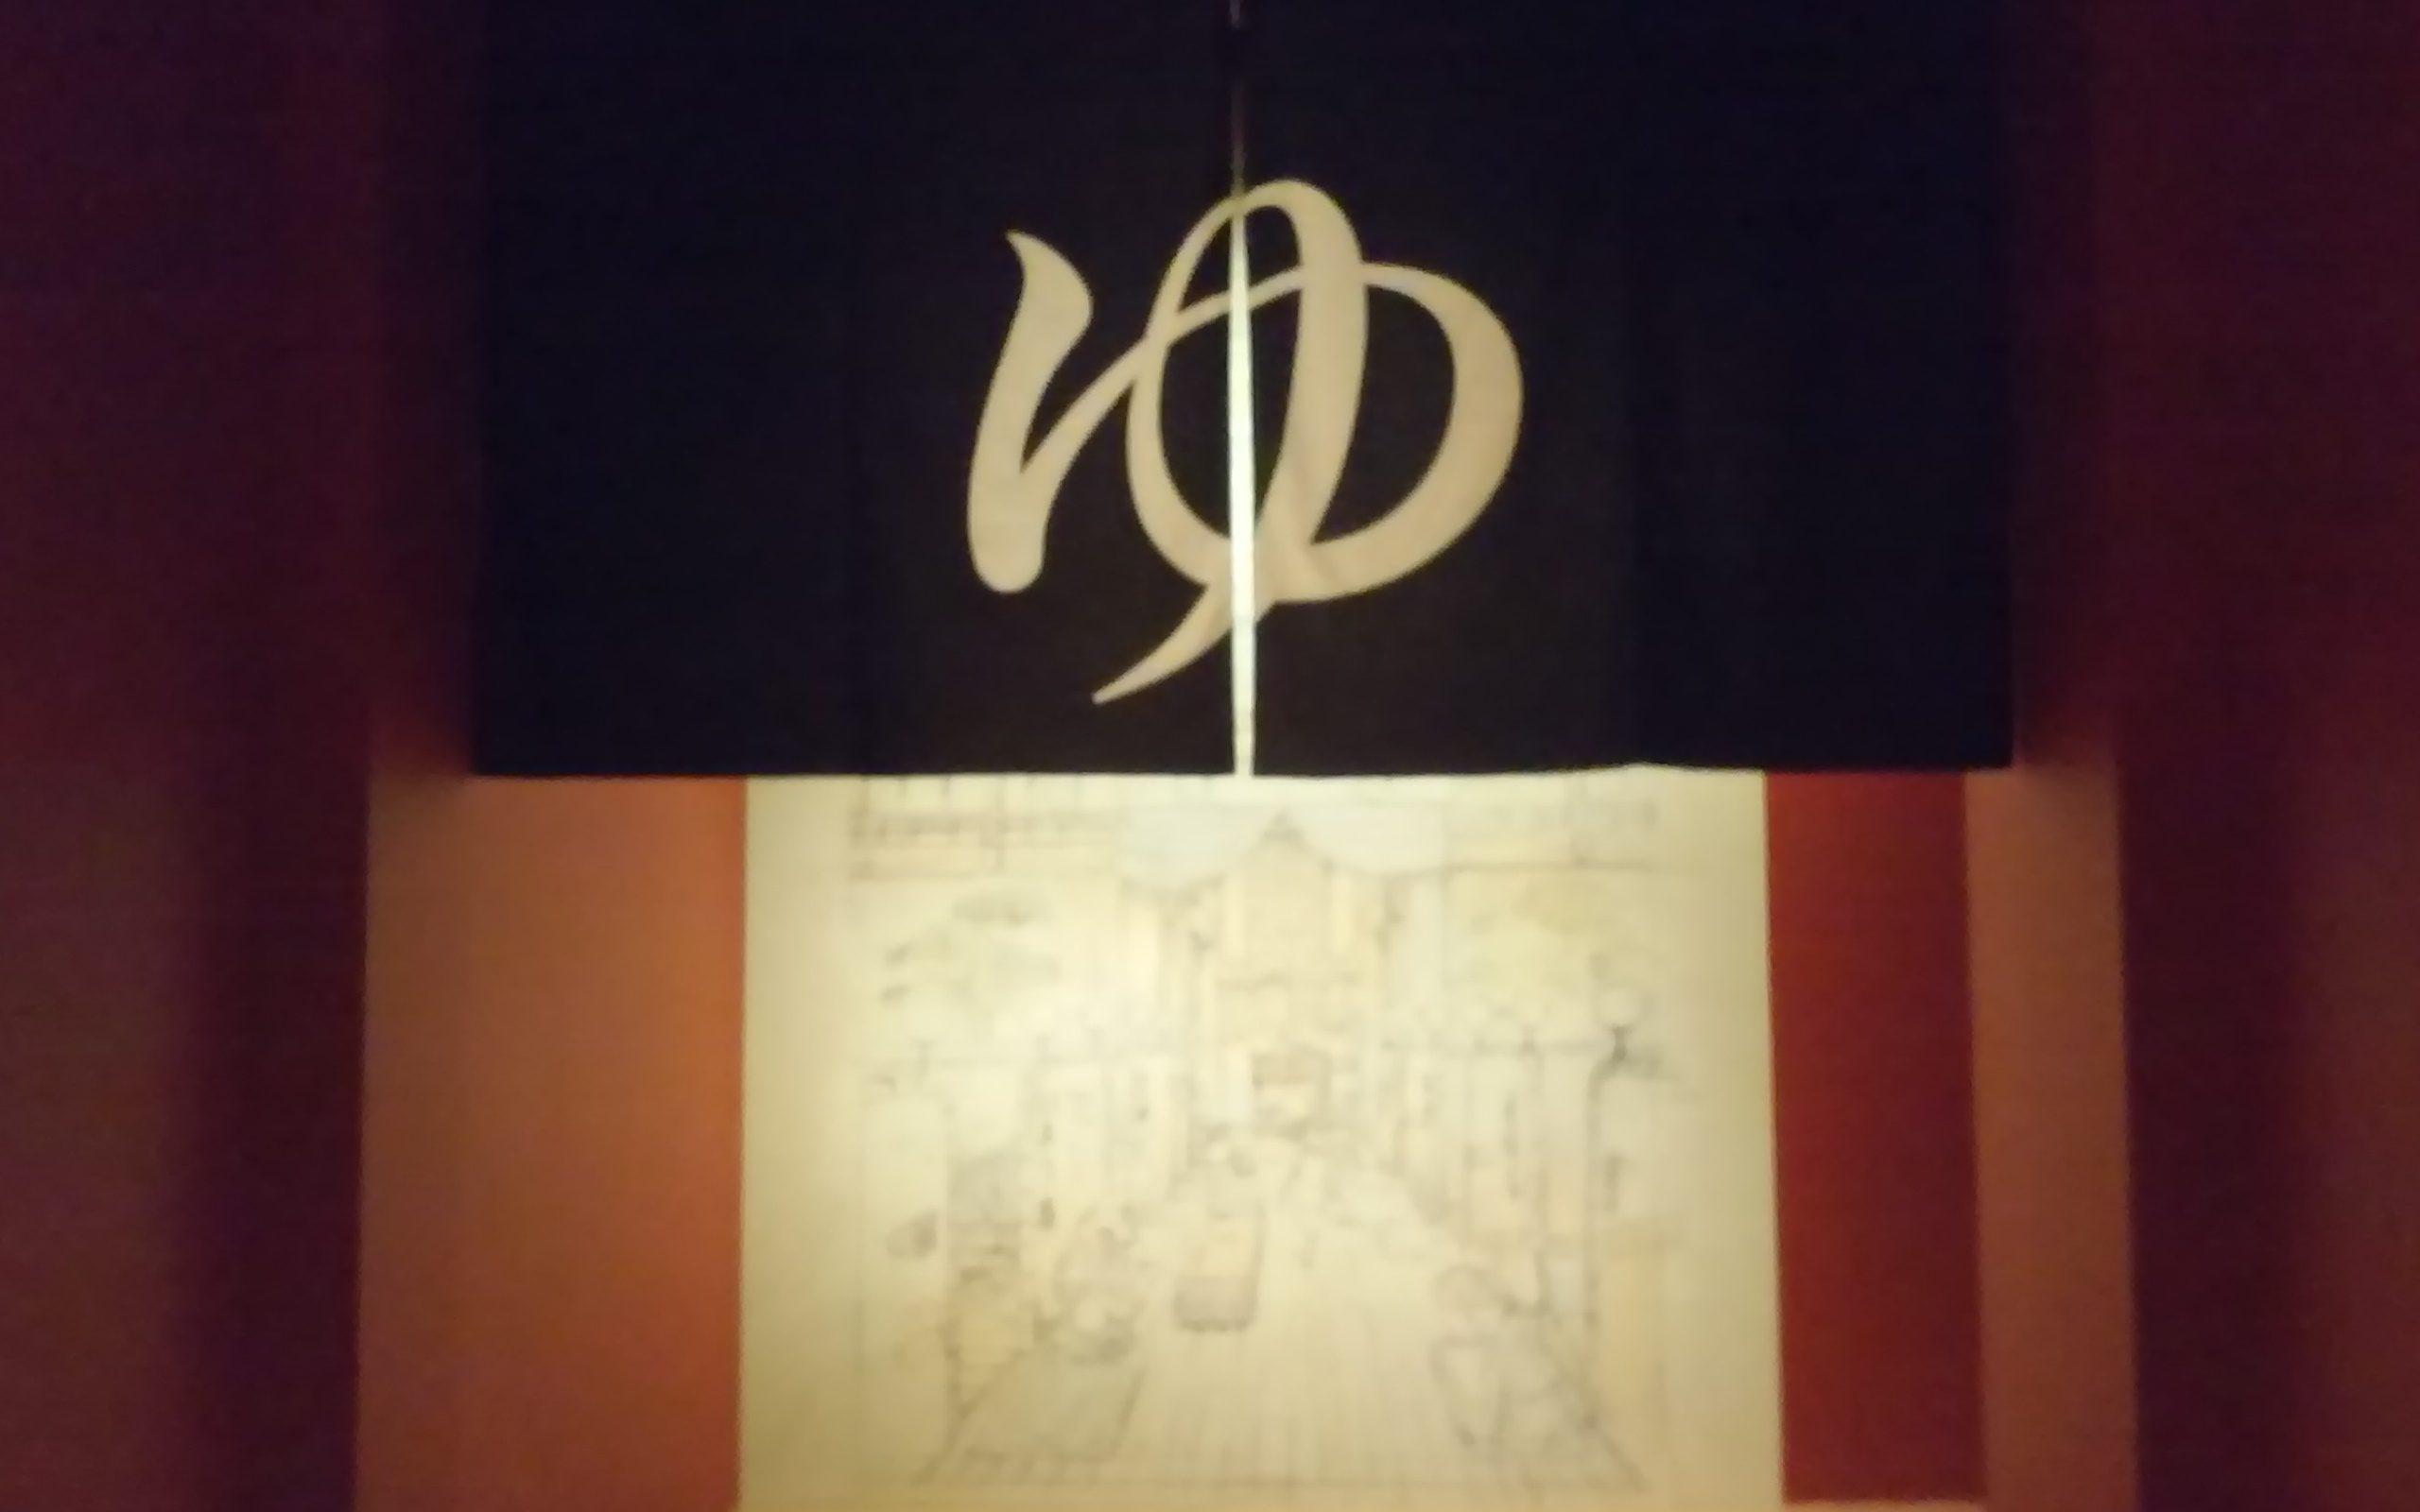 「高畑・宮崎アニメの秘密がわかる。スタジオジブリ・レイアウト展」  レイアウトから読み解く、ジブリ作